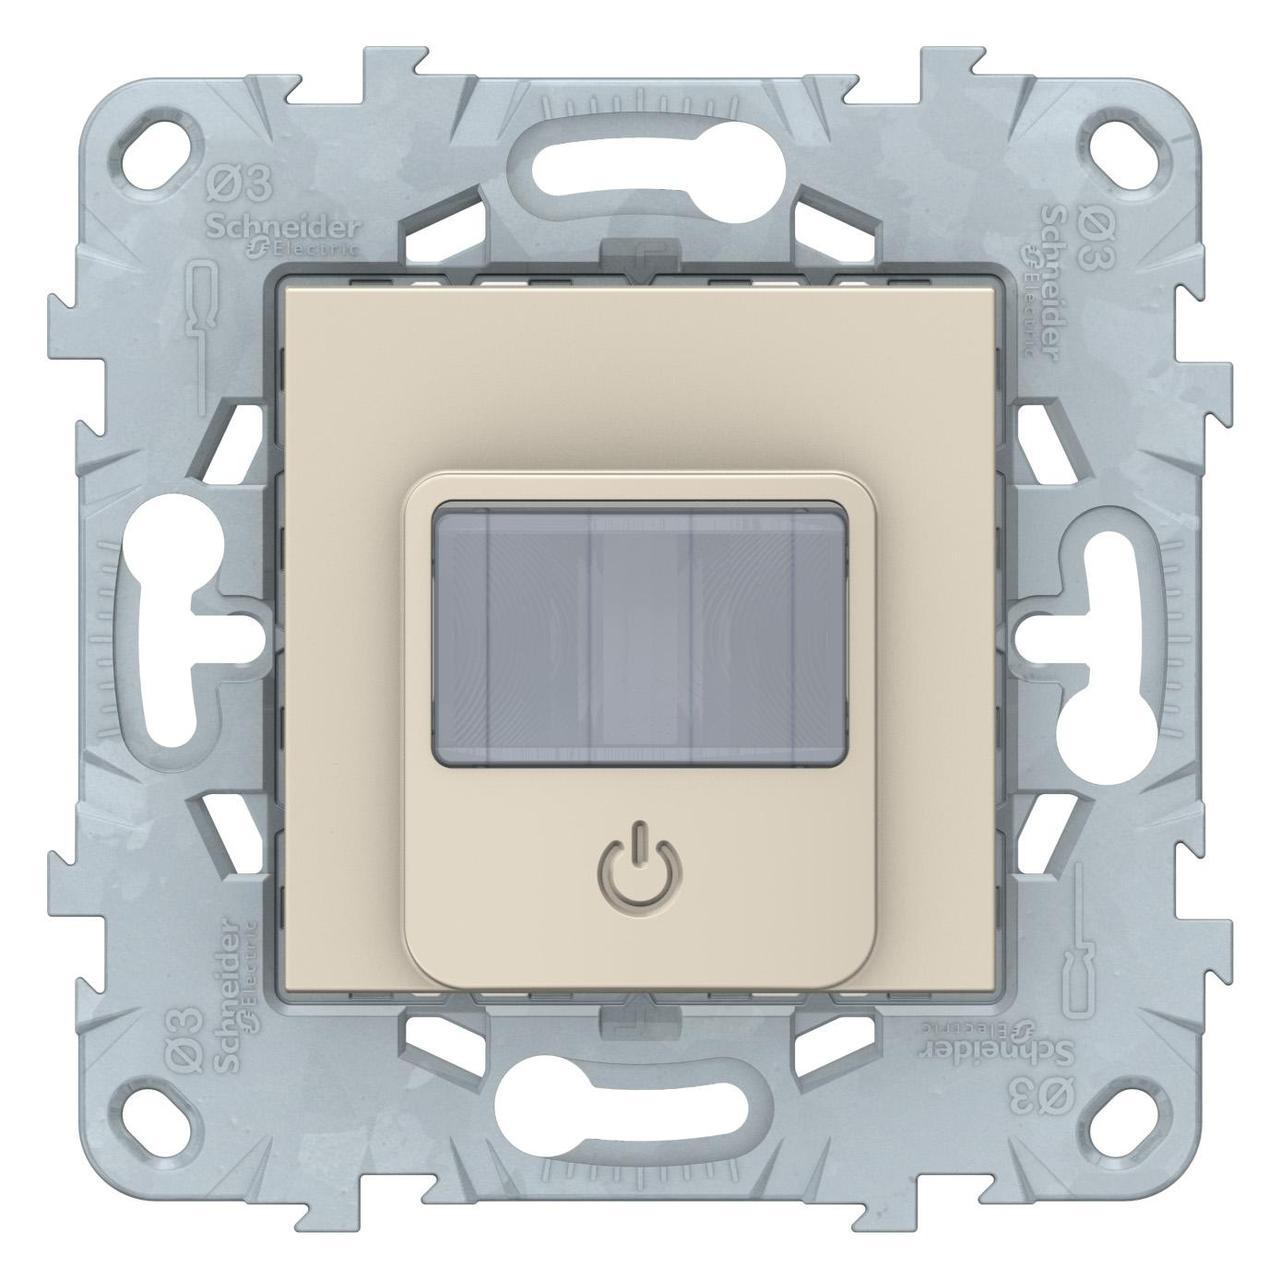 Датчик движения 2300Вт с ручн.упр. 3-х проводная схема, реле , Бежевый, серия Unica New, Schneider Electric